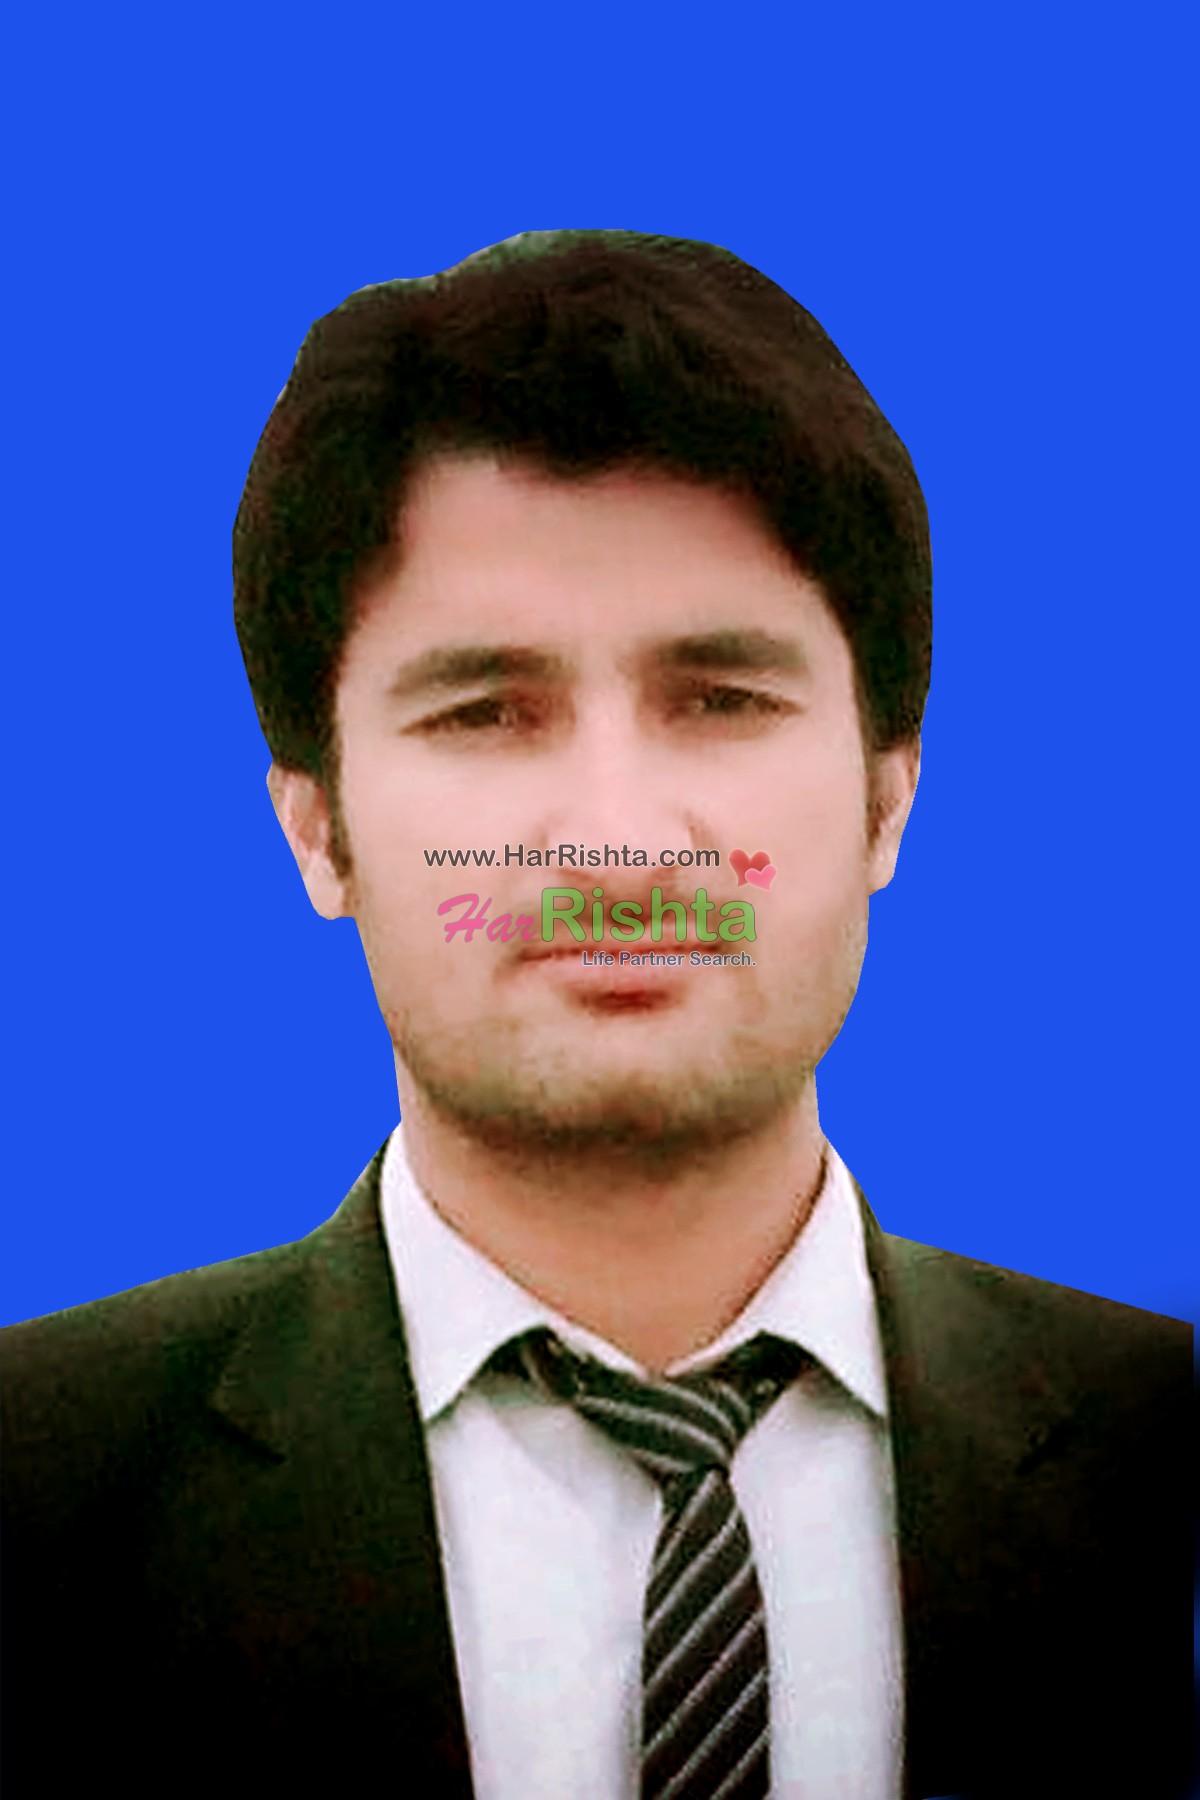 Baloch Boy Rishta in Islamabad